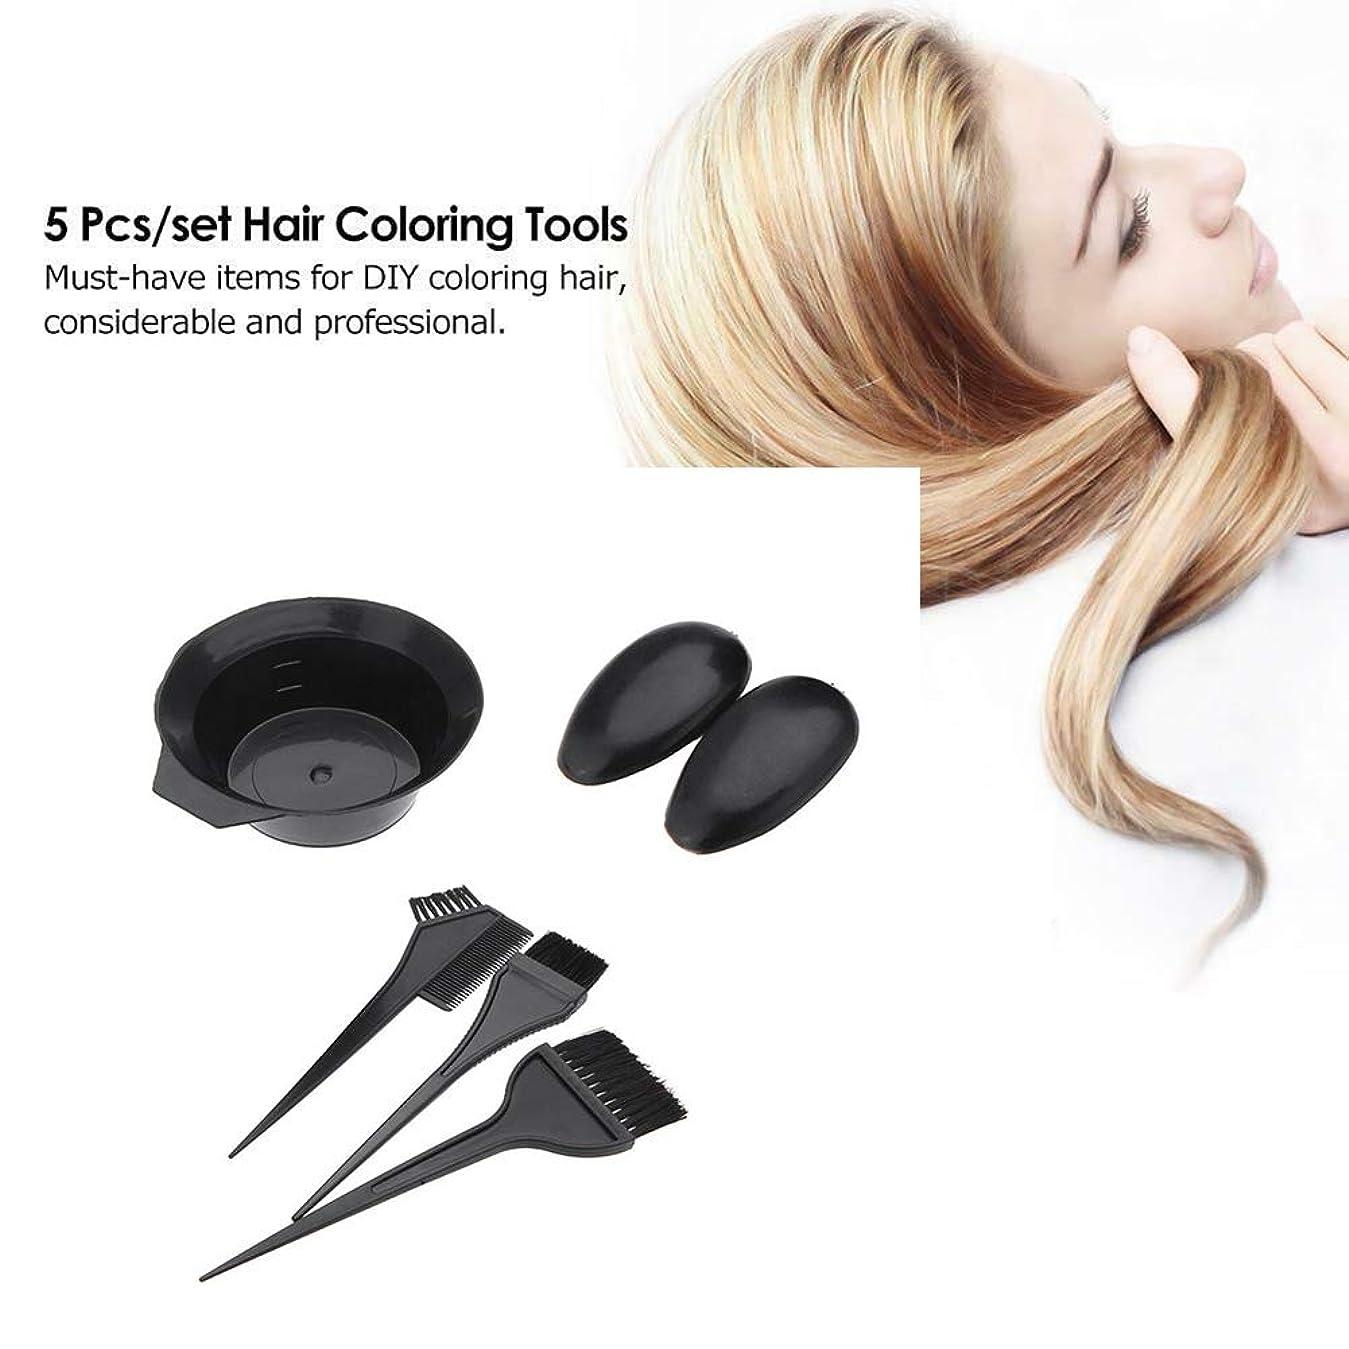 ファウル世界の窓証明ヘア染色セットキット5ピース - diyプロフェッショナルヘアダイカラーミキシングボウルブラシ&くし - 黒理髪美容ツールアプリケーター色合い